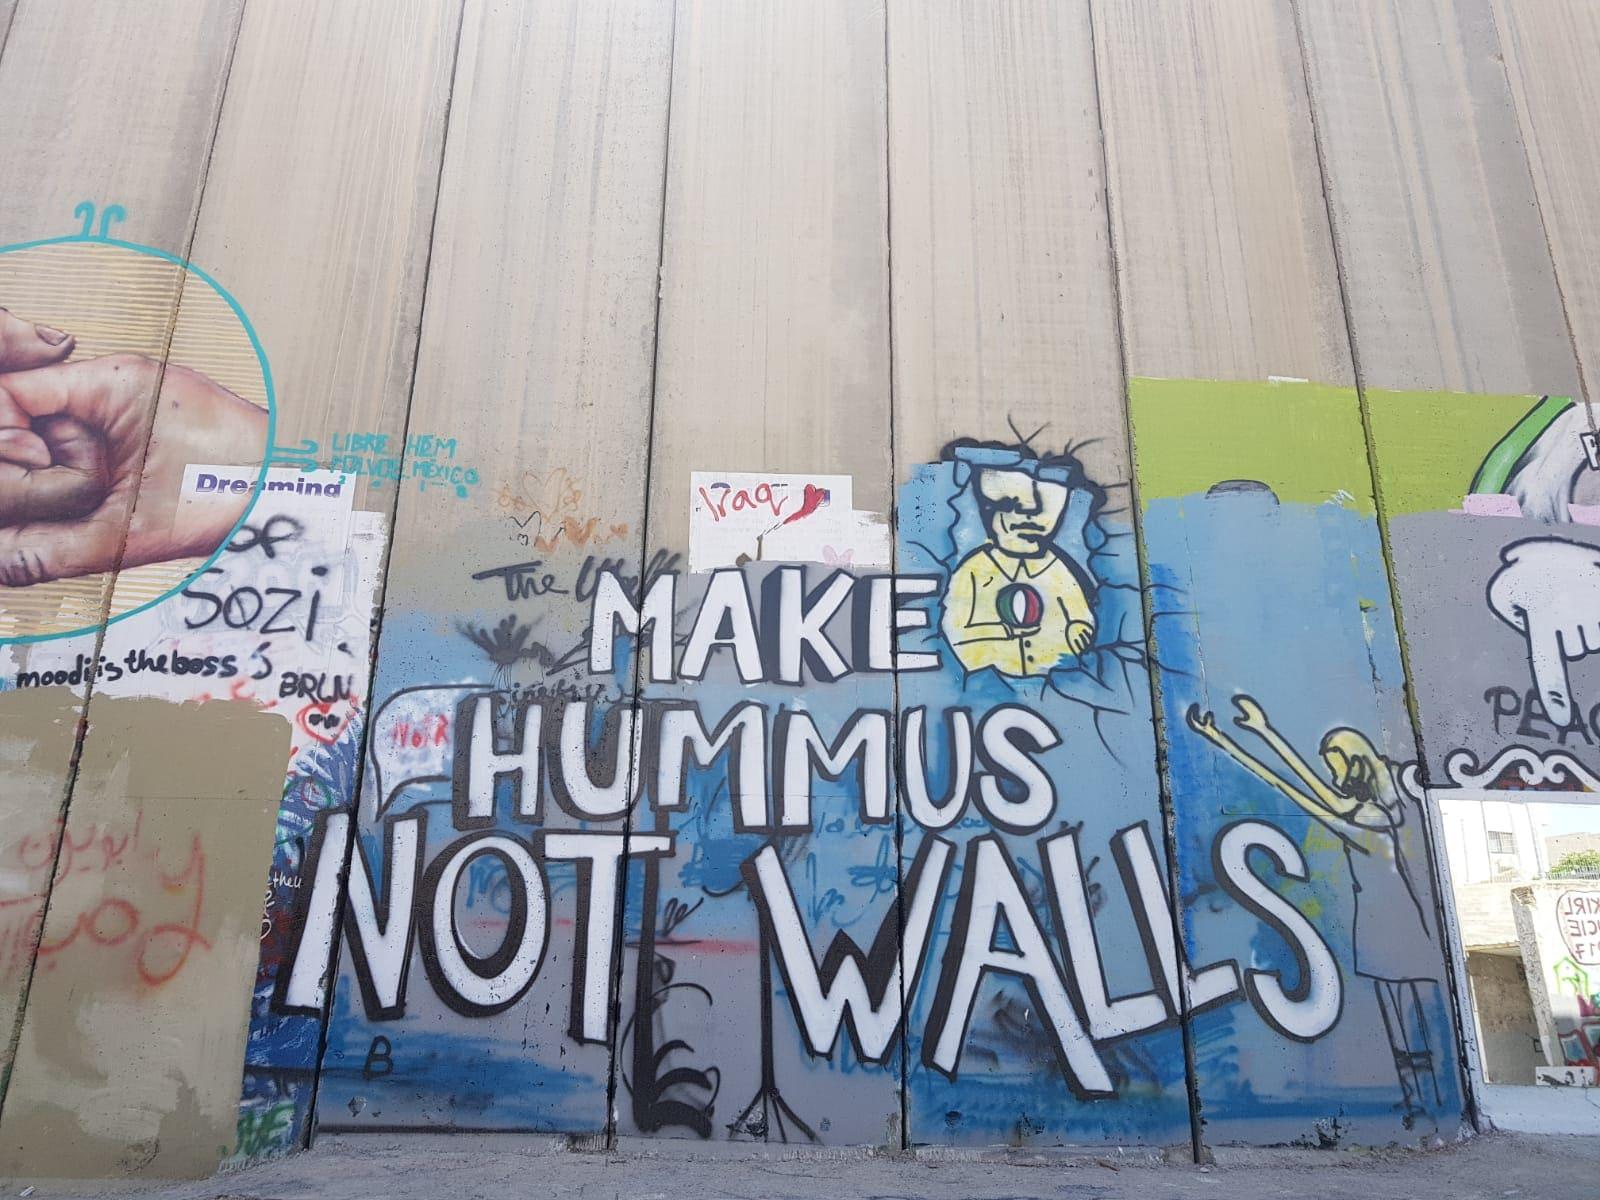 Mur Jerusalem Palestine graffiti make hummus not walls